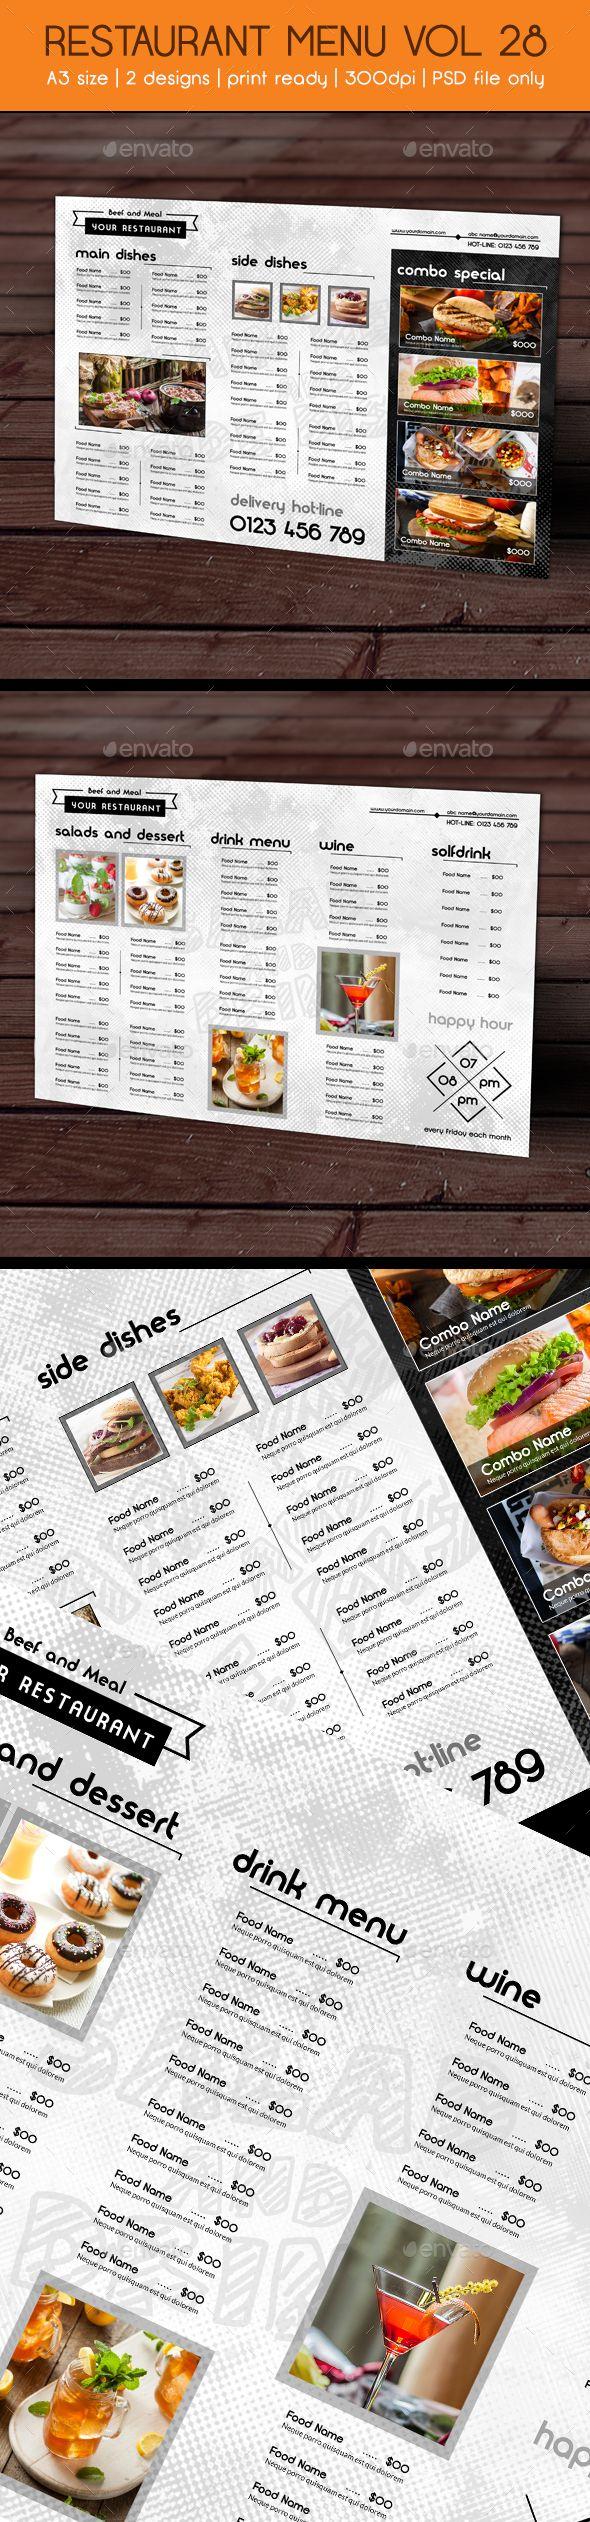 Mejores 51 imágenes de Flyer Templates en Pinterest | Plantillas de ...